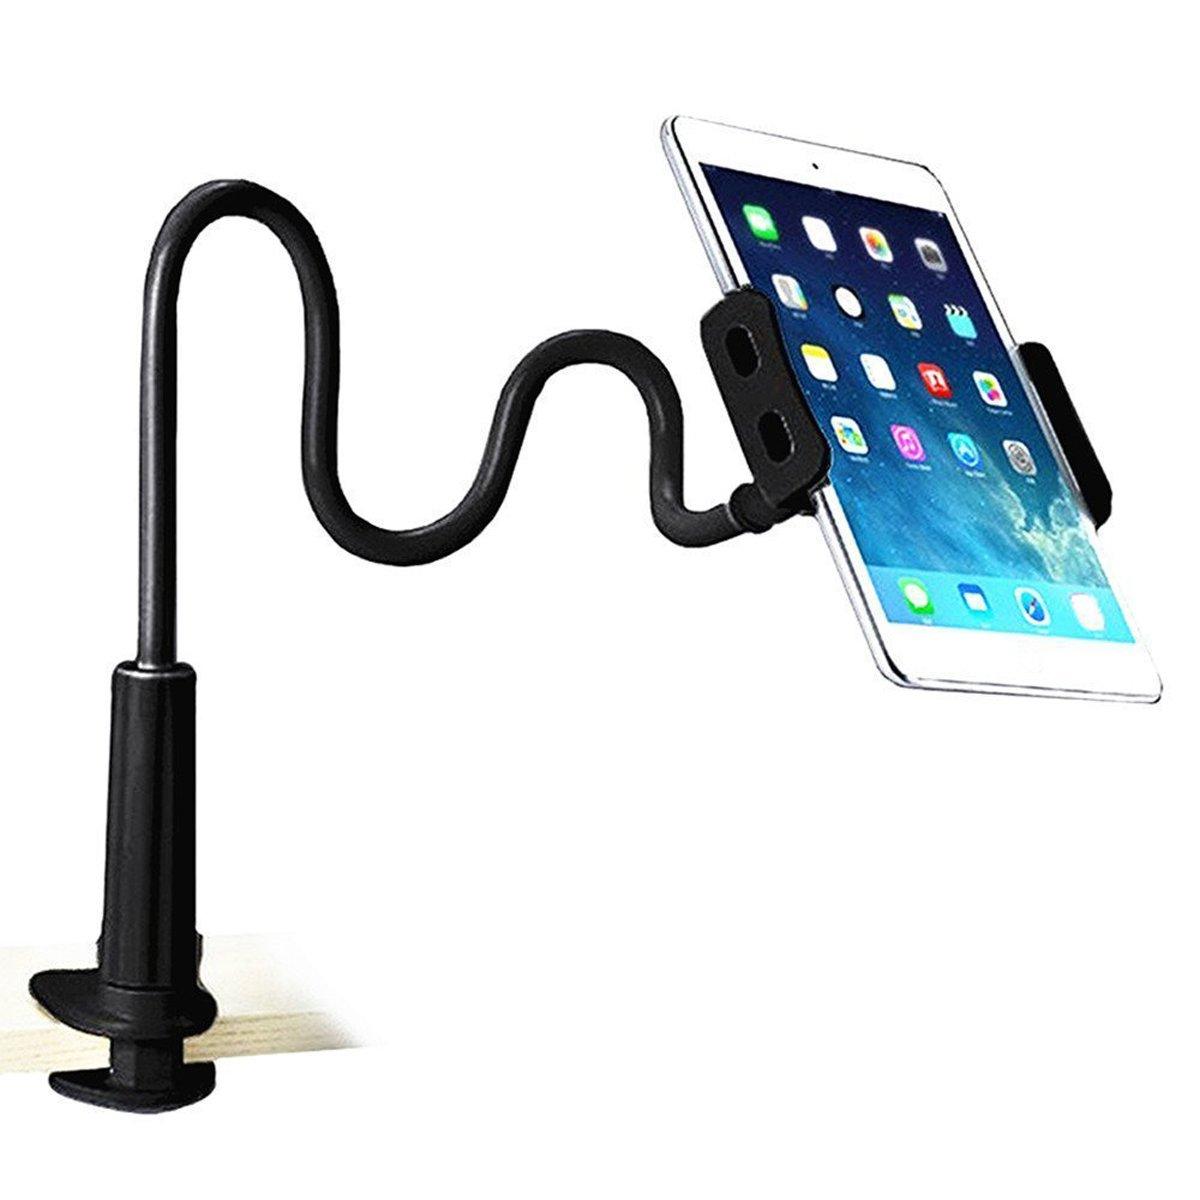 Soporte para teléfono celular,BSVLIA universal Soporte Flexible Multi-Ángulo Cuello de Cisne Soporte para ipad / iPhone / Samsung/Huawei Soporte para ...